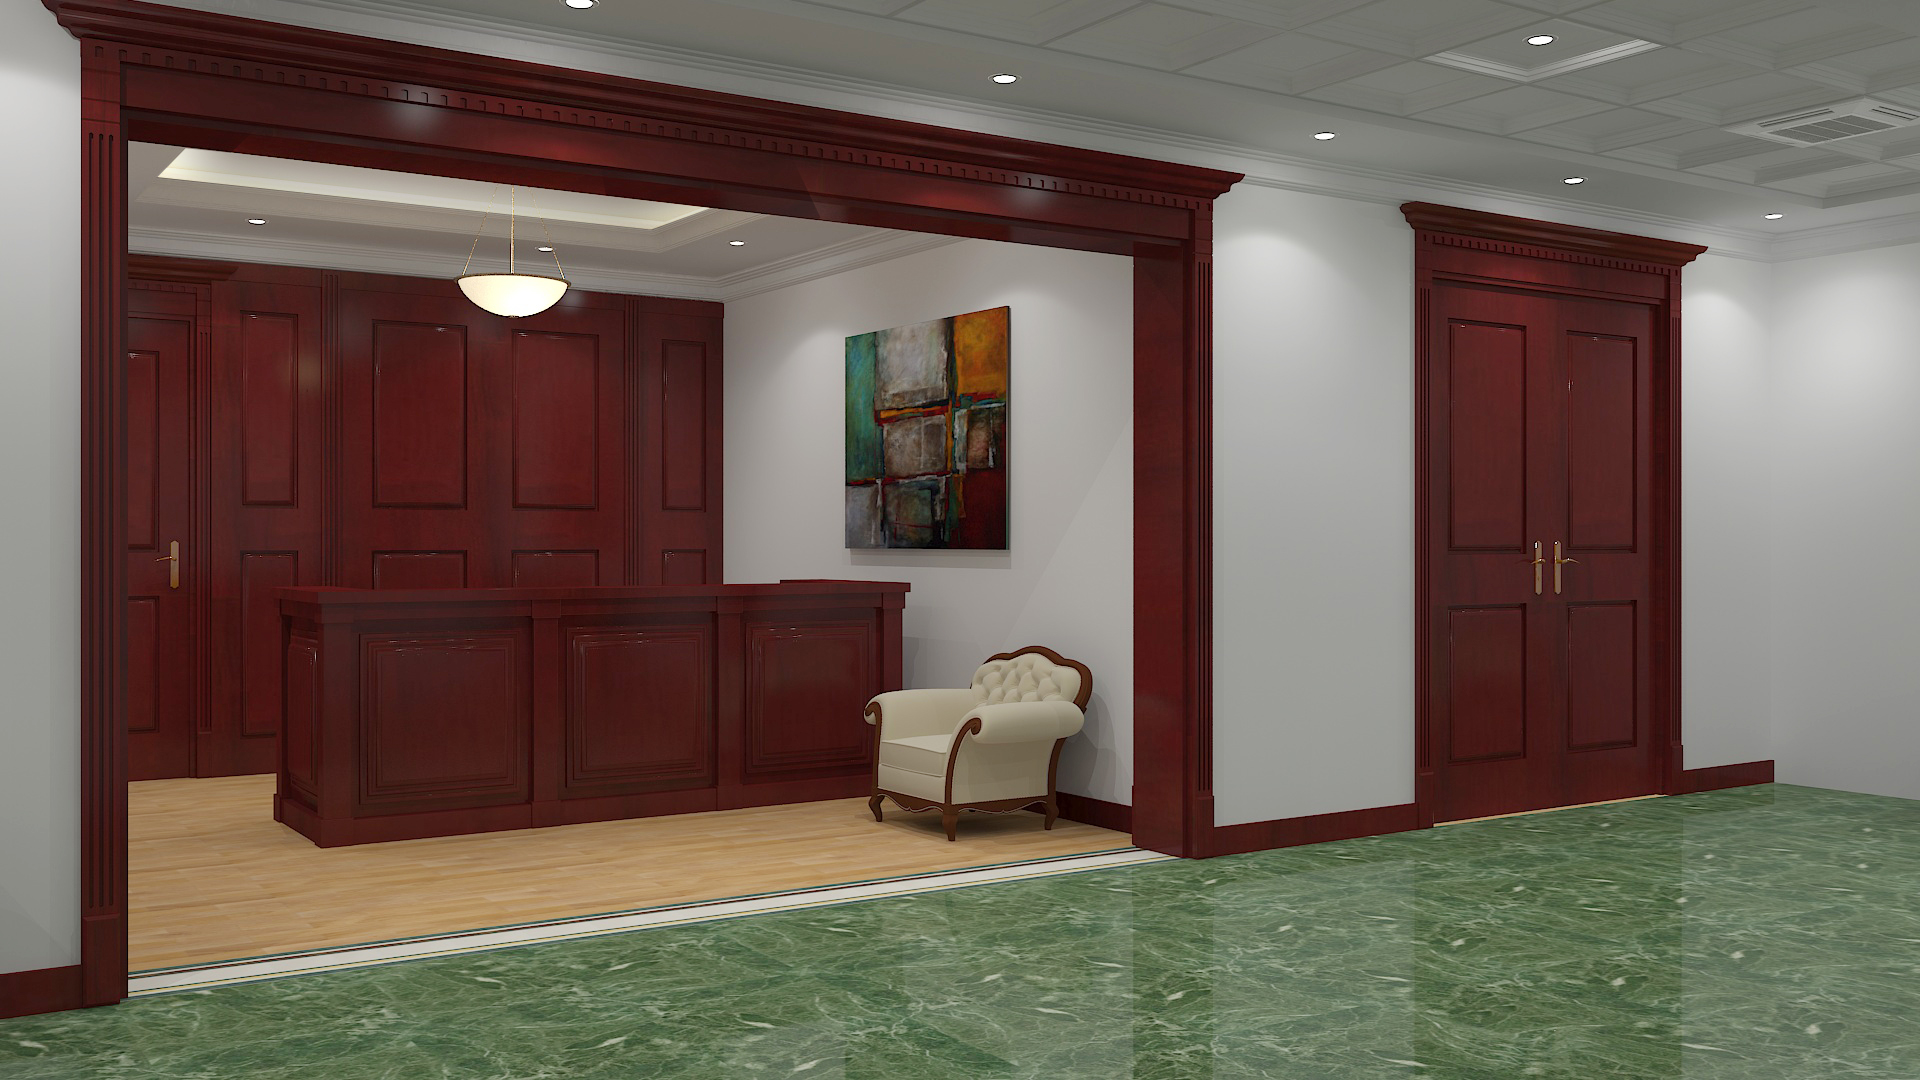 Дизайн интерьера приемной офиса